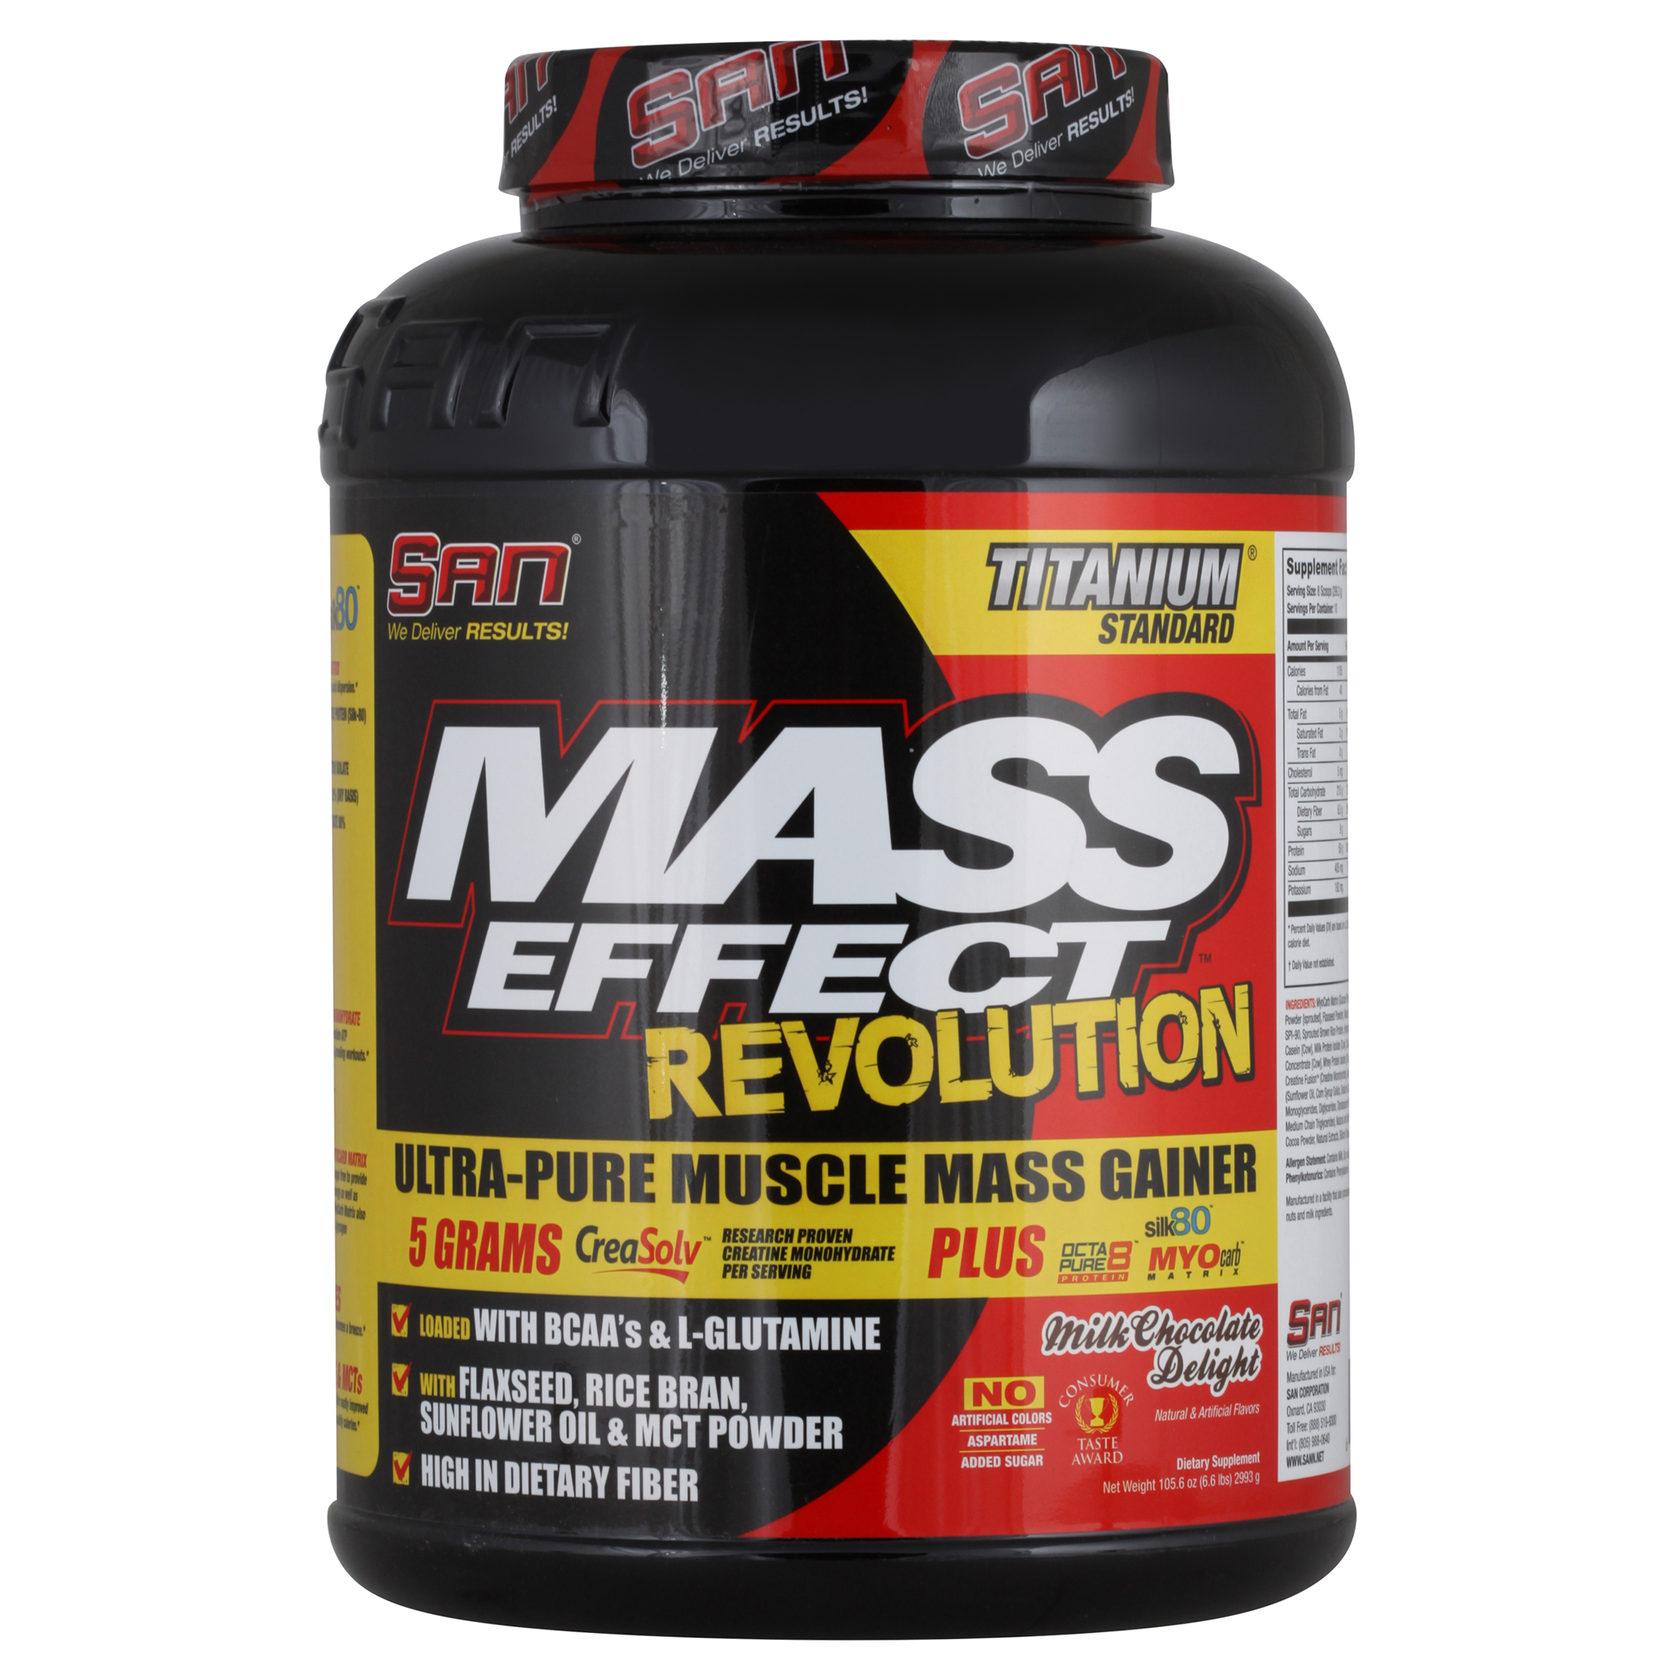 Mass effect revolution: состав гейнера и способ применения